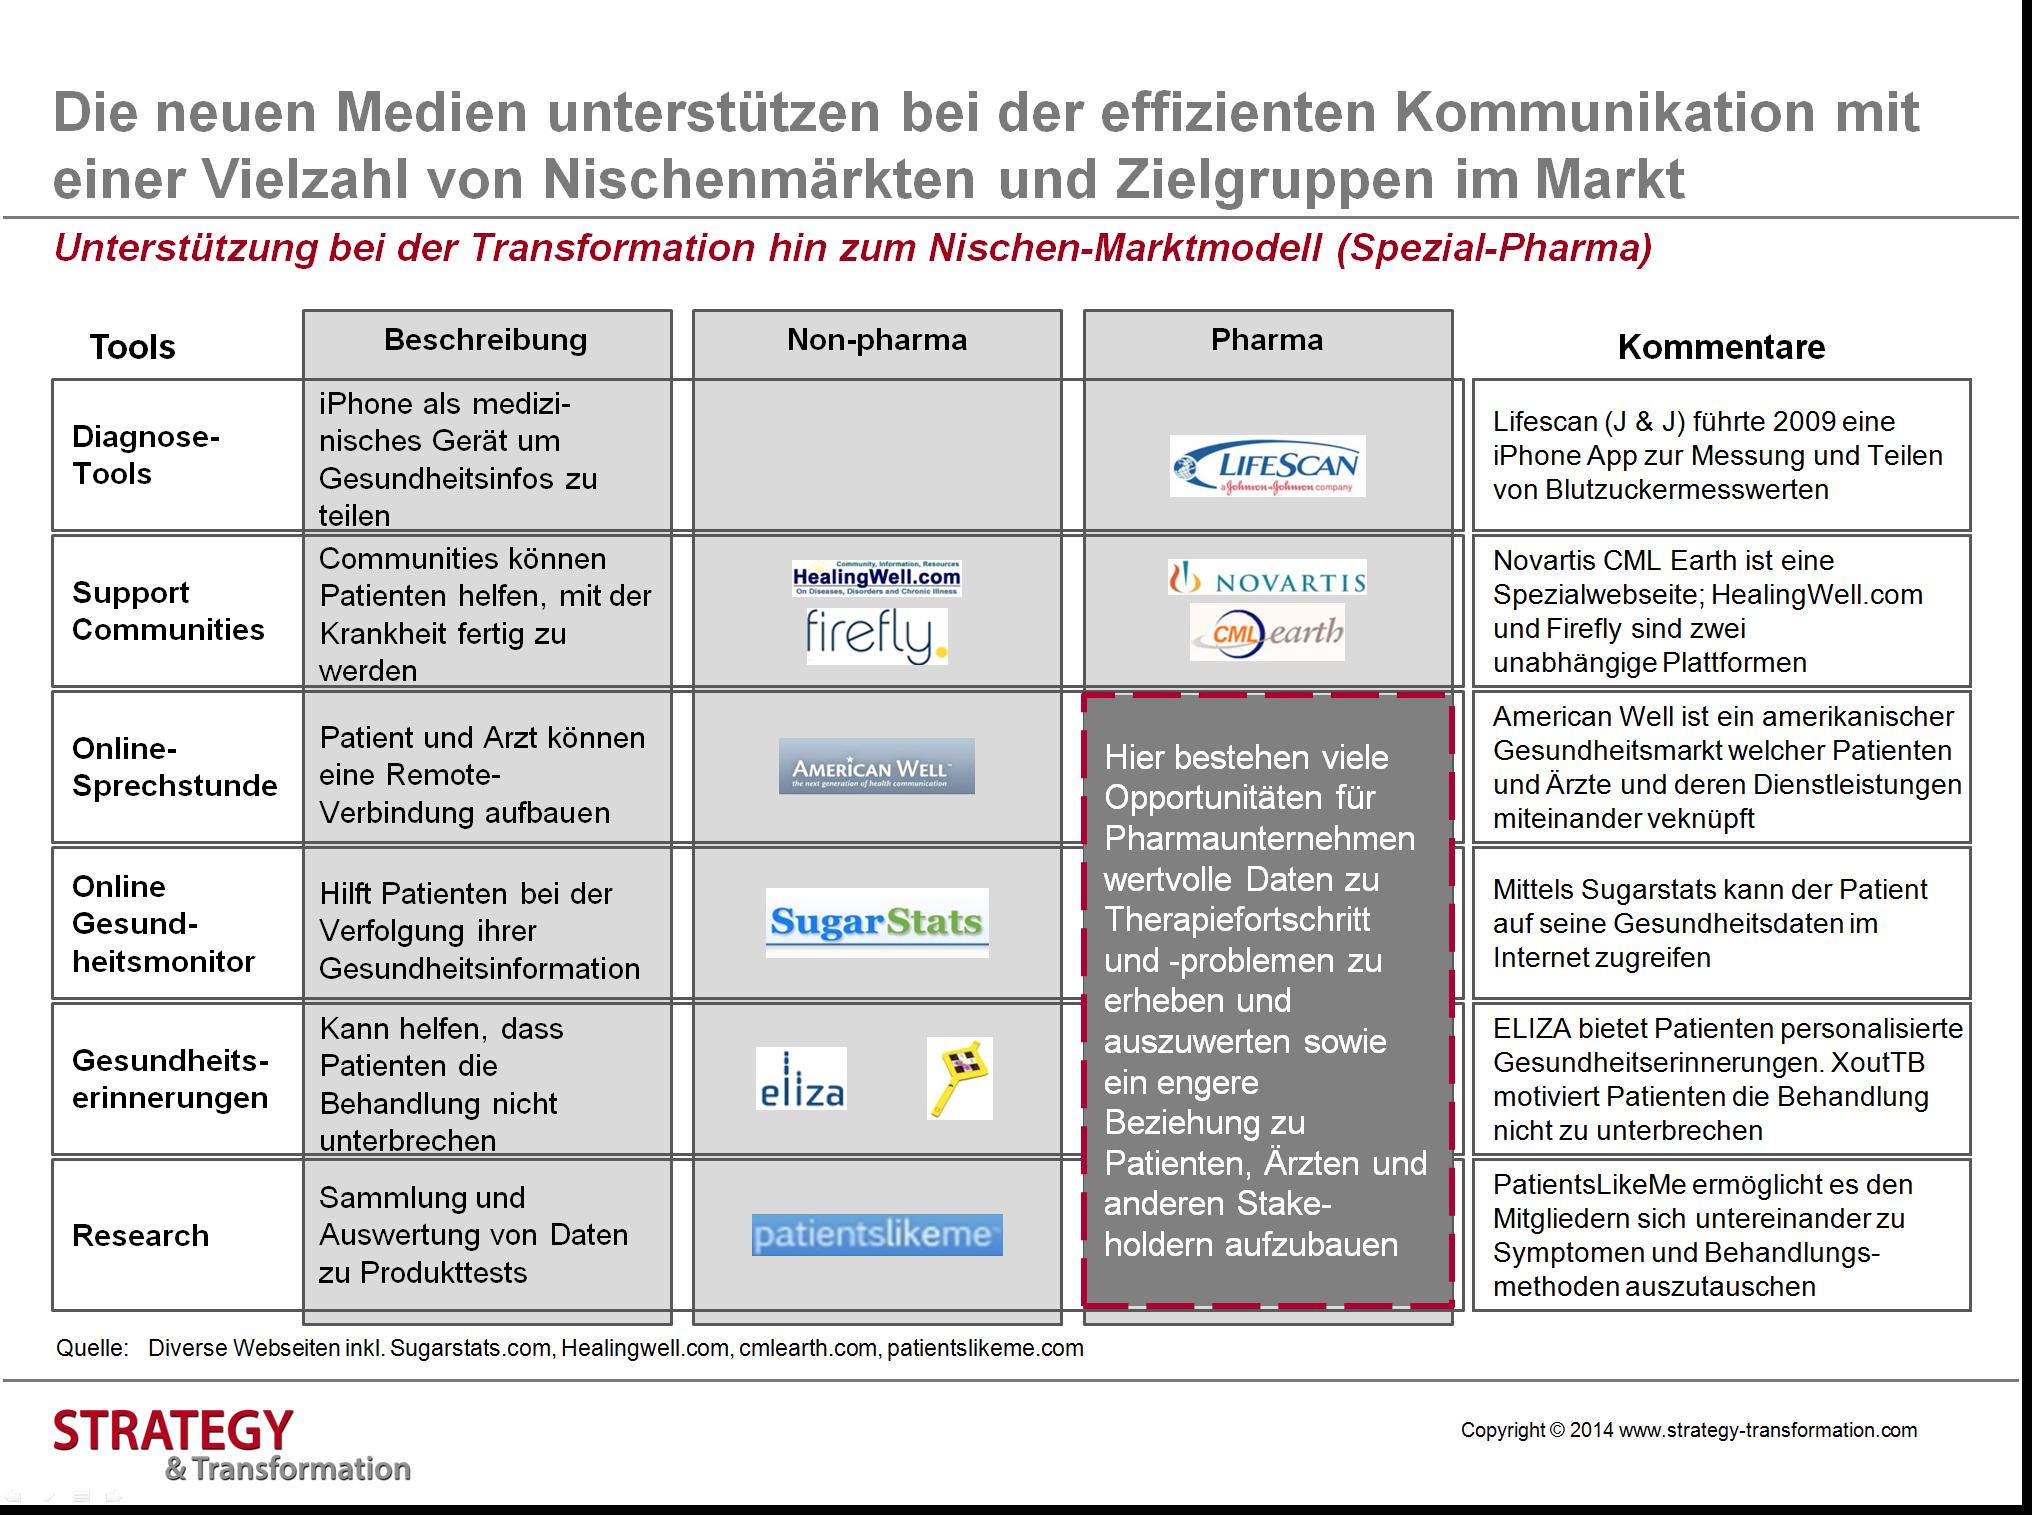 Health 2.0_Unterstützung bei Transformation zu Spezial Pharma